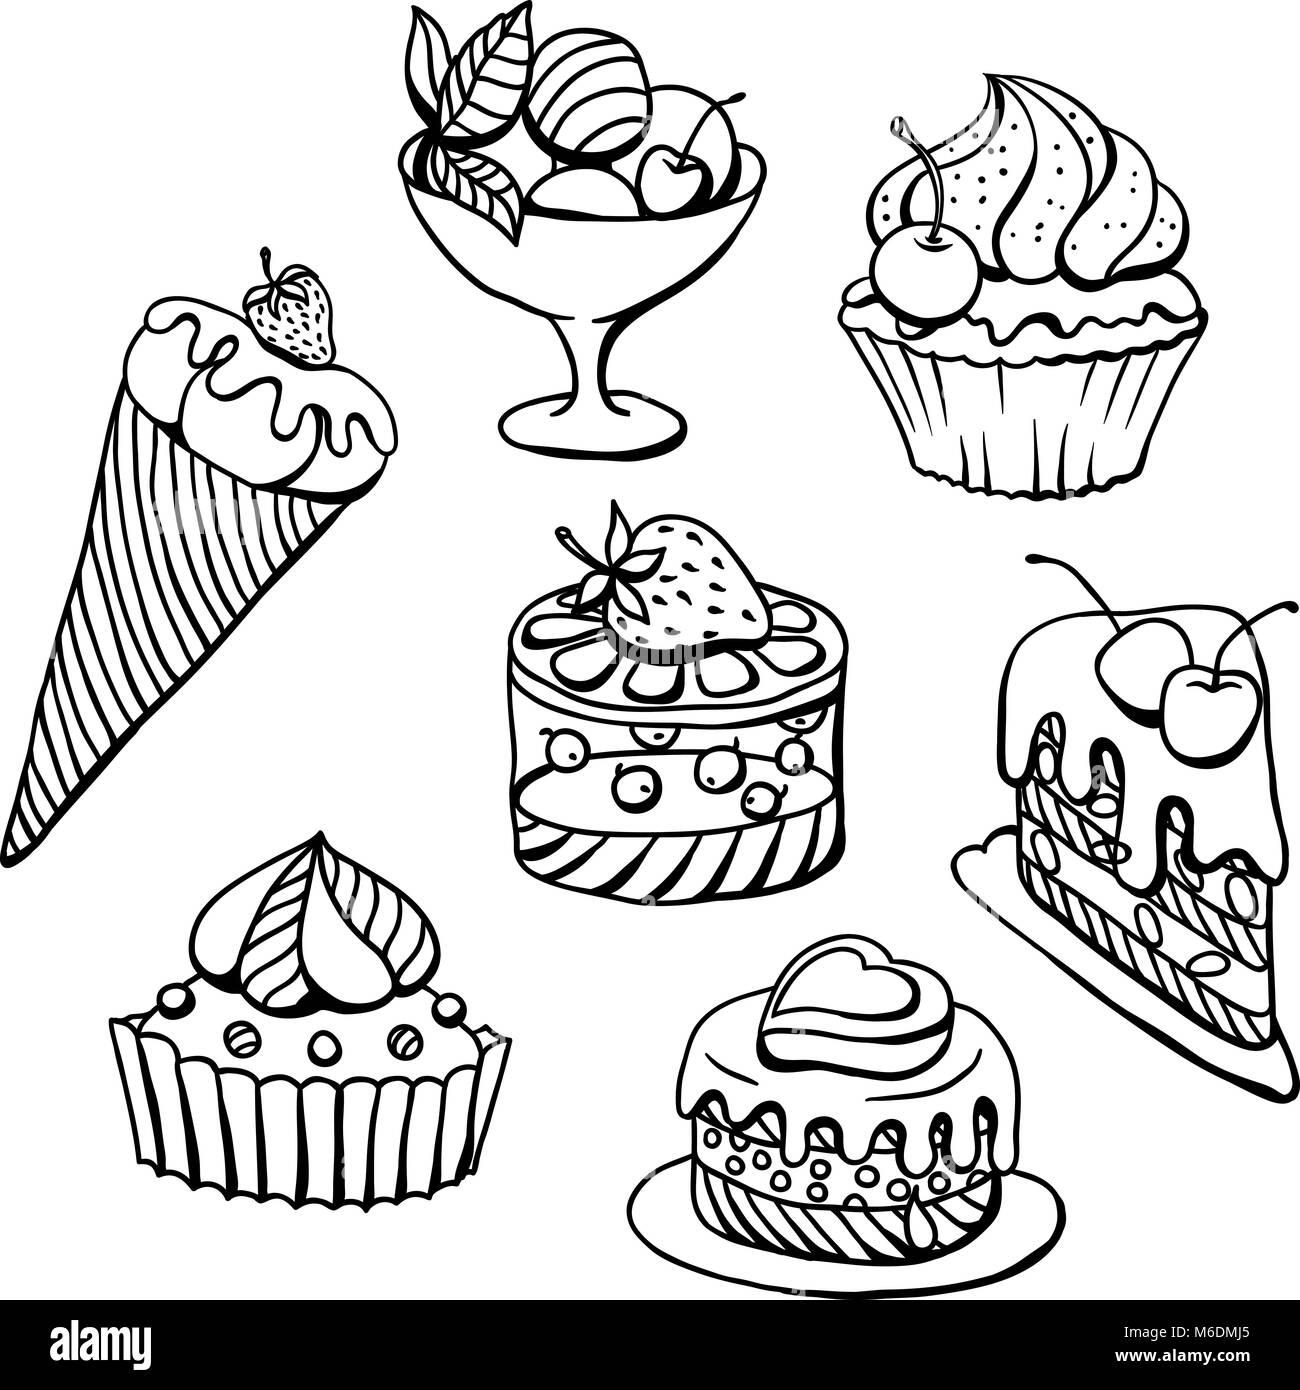 Vektor Einrichten Von Kuchen In Schwarz Abbildung Gezeichnet Vektor